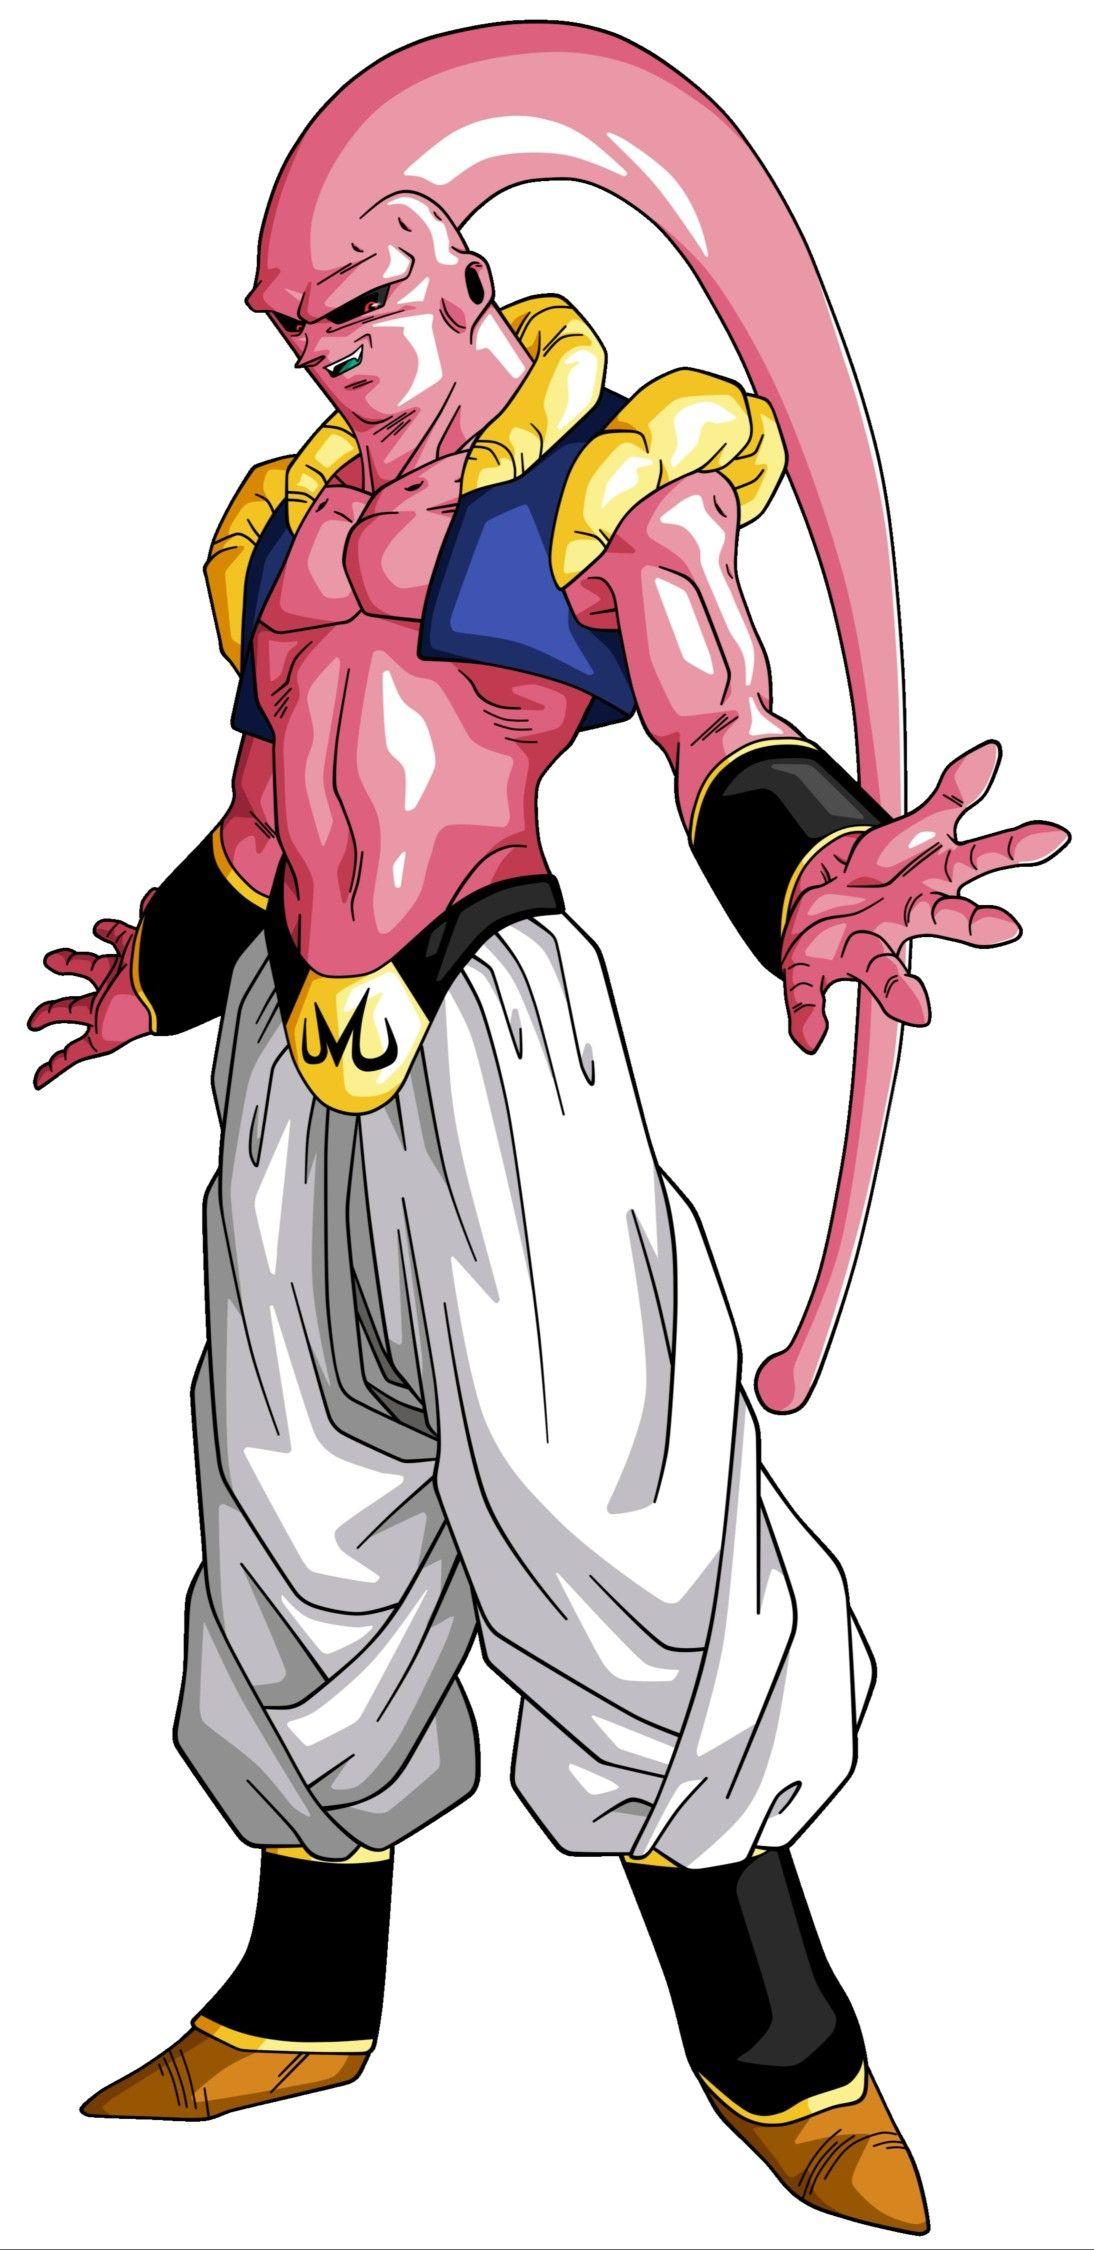 Super Buu Gotenks Anime Dragon Ball Super Dragon Ball Artwork Dragon Ball Super Goku